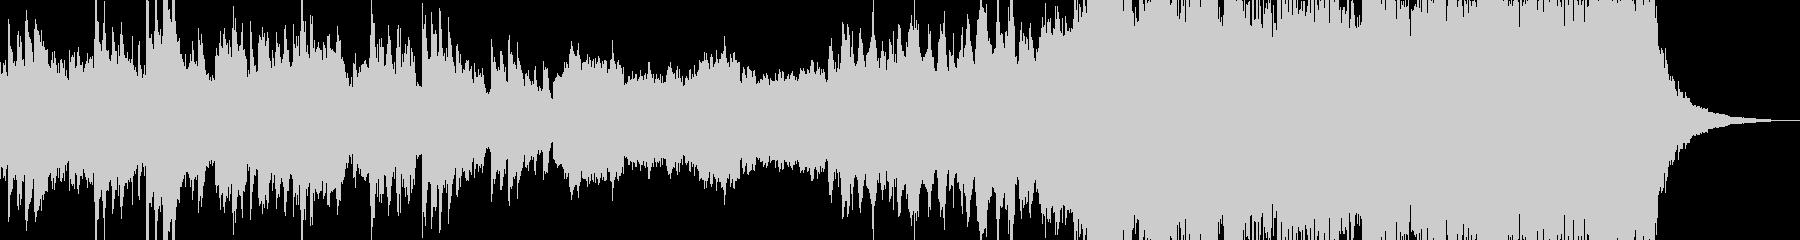 企業VP映像、雄大・感動的オーケストラの未再生の波形